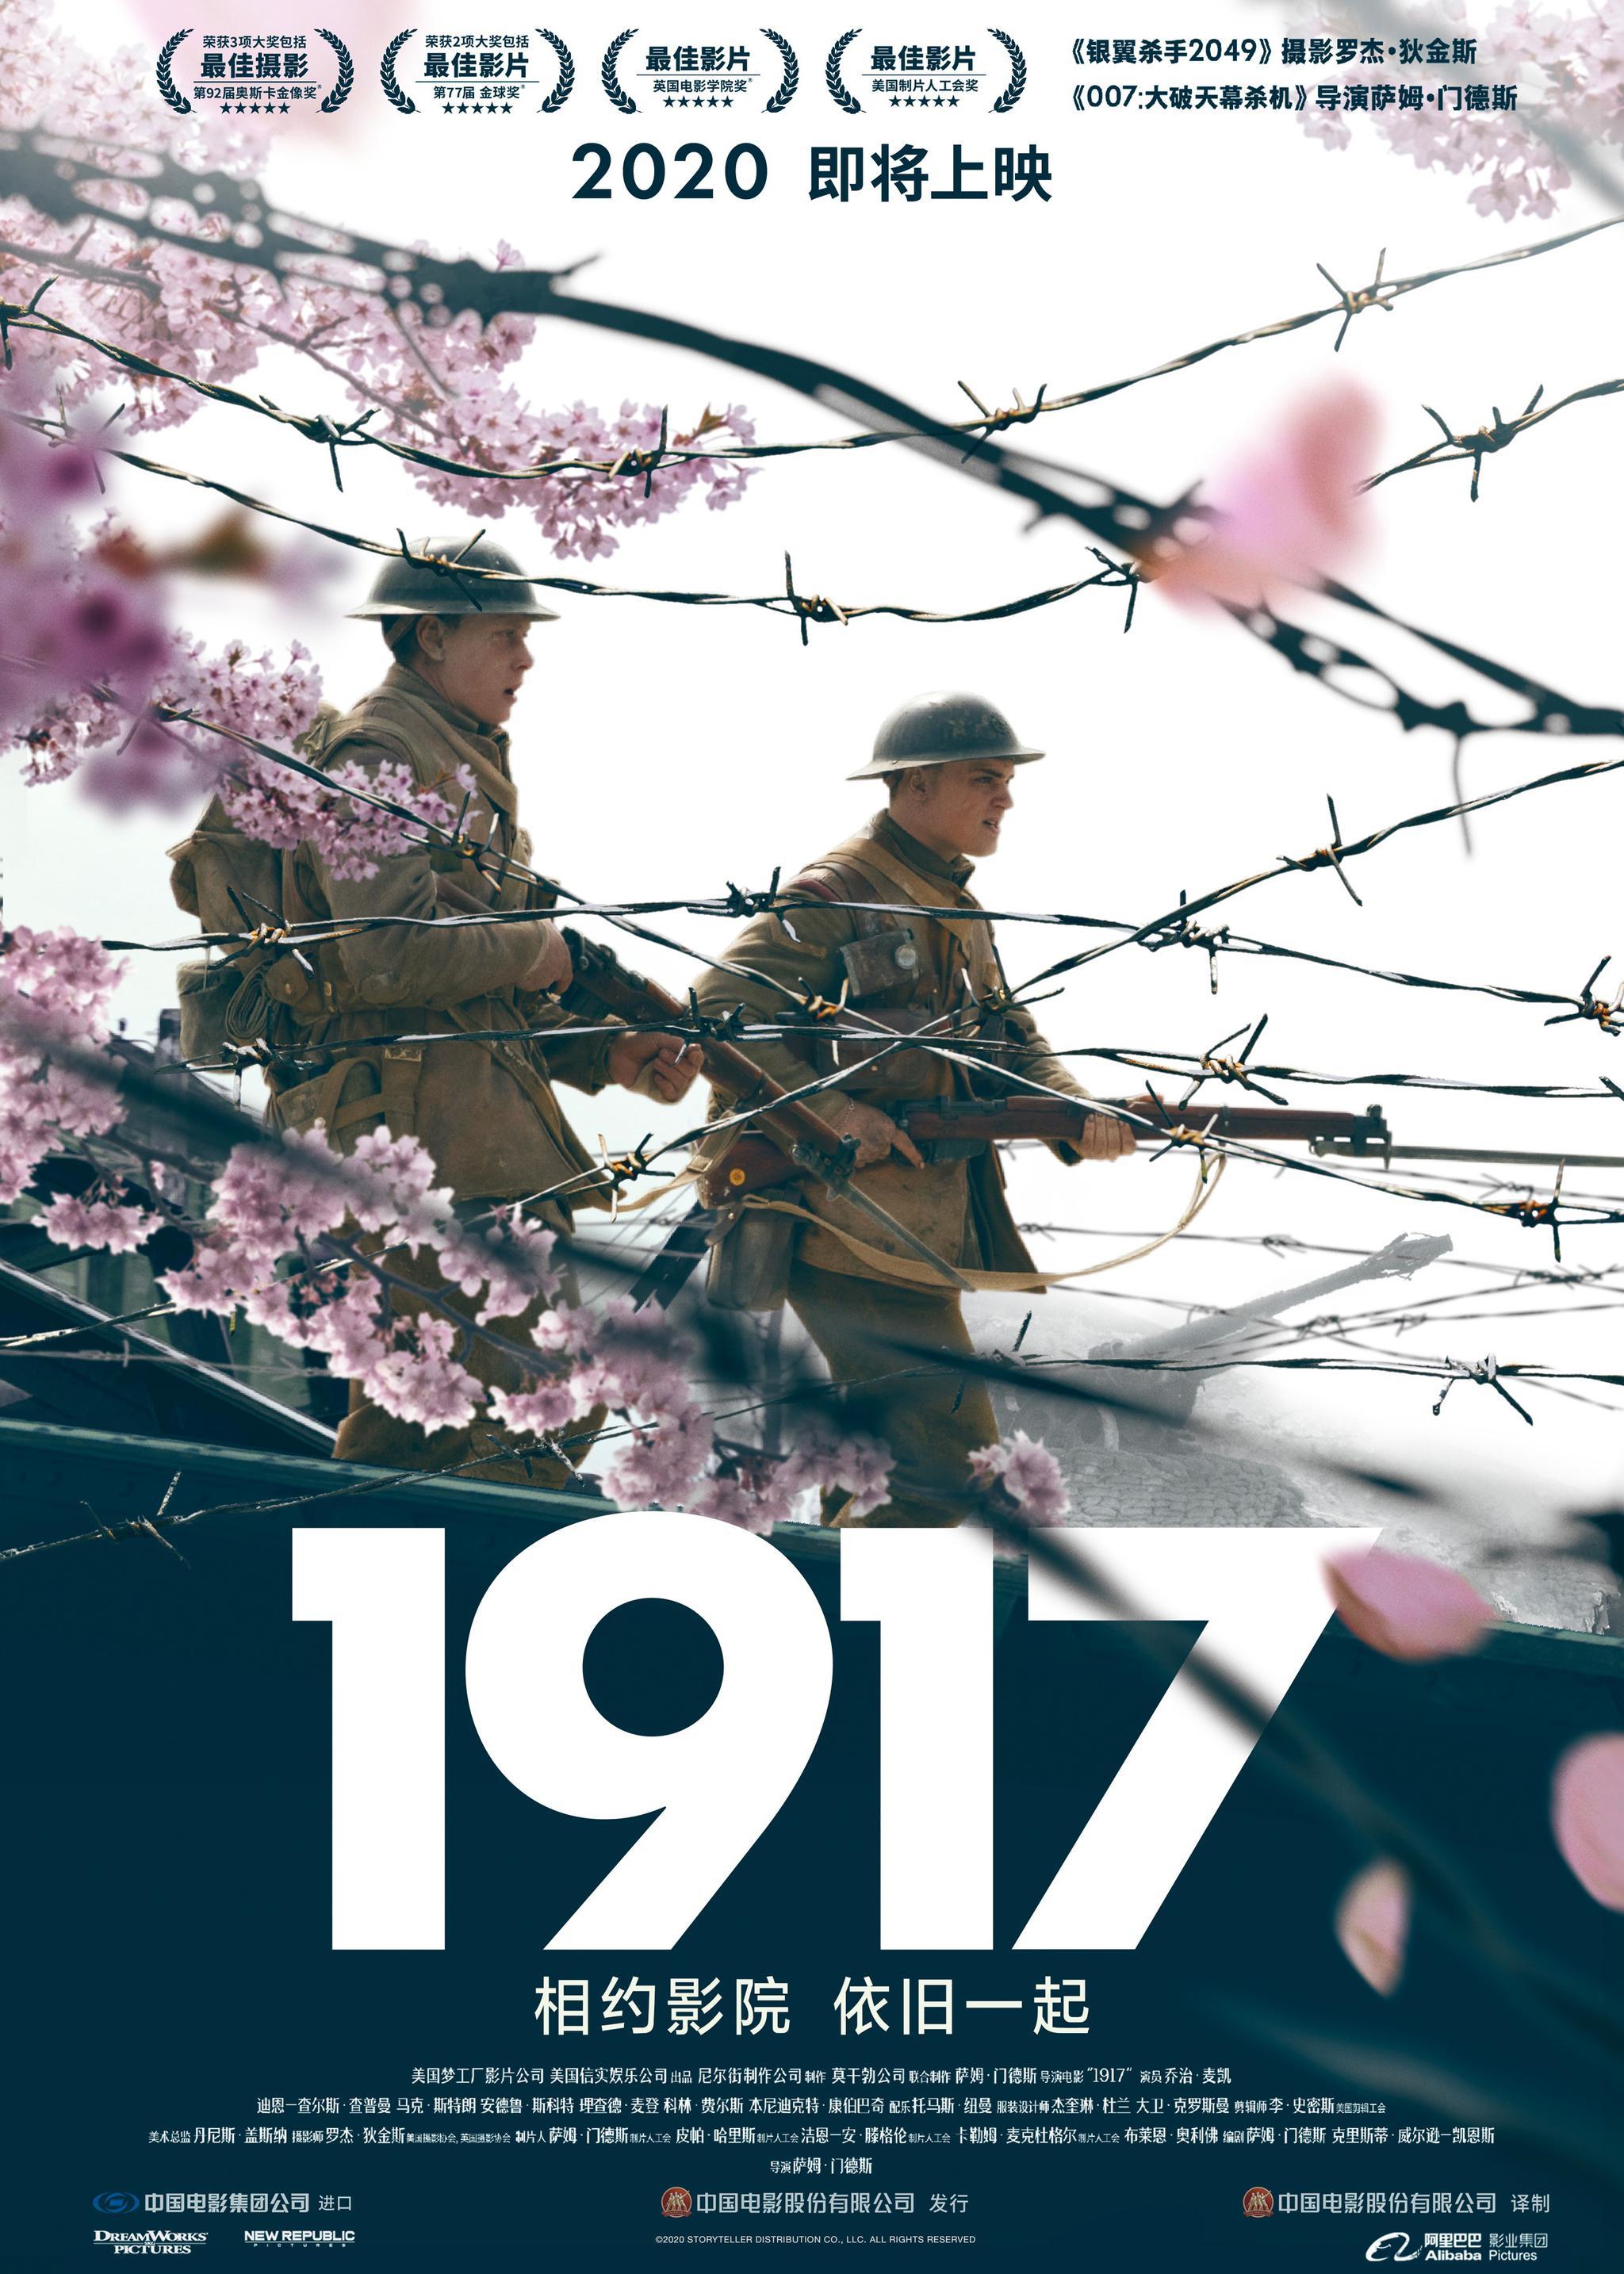 奥斯卡三奖得主《1917》发新海报,确定内地院线上映图片